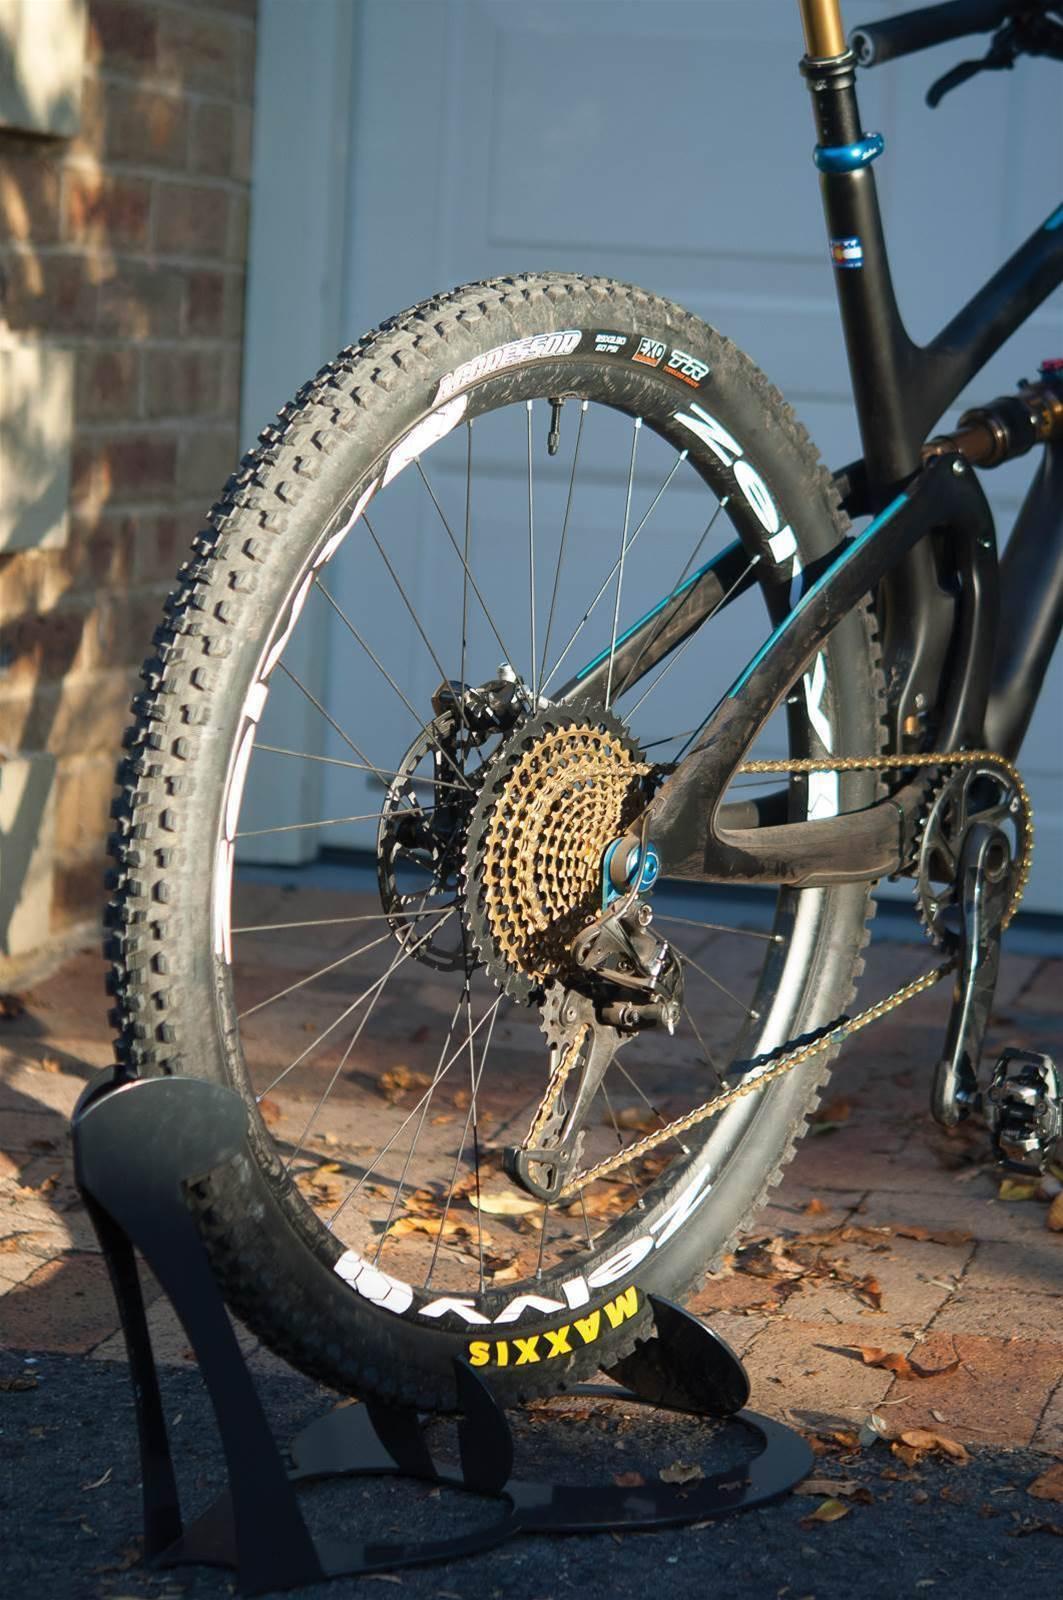 TESTED: Zelvy I9 Carbon 29 PDL Wheel Set